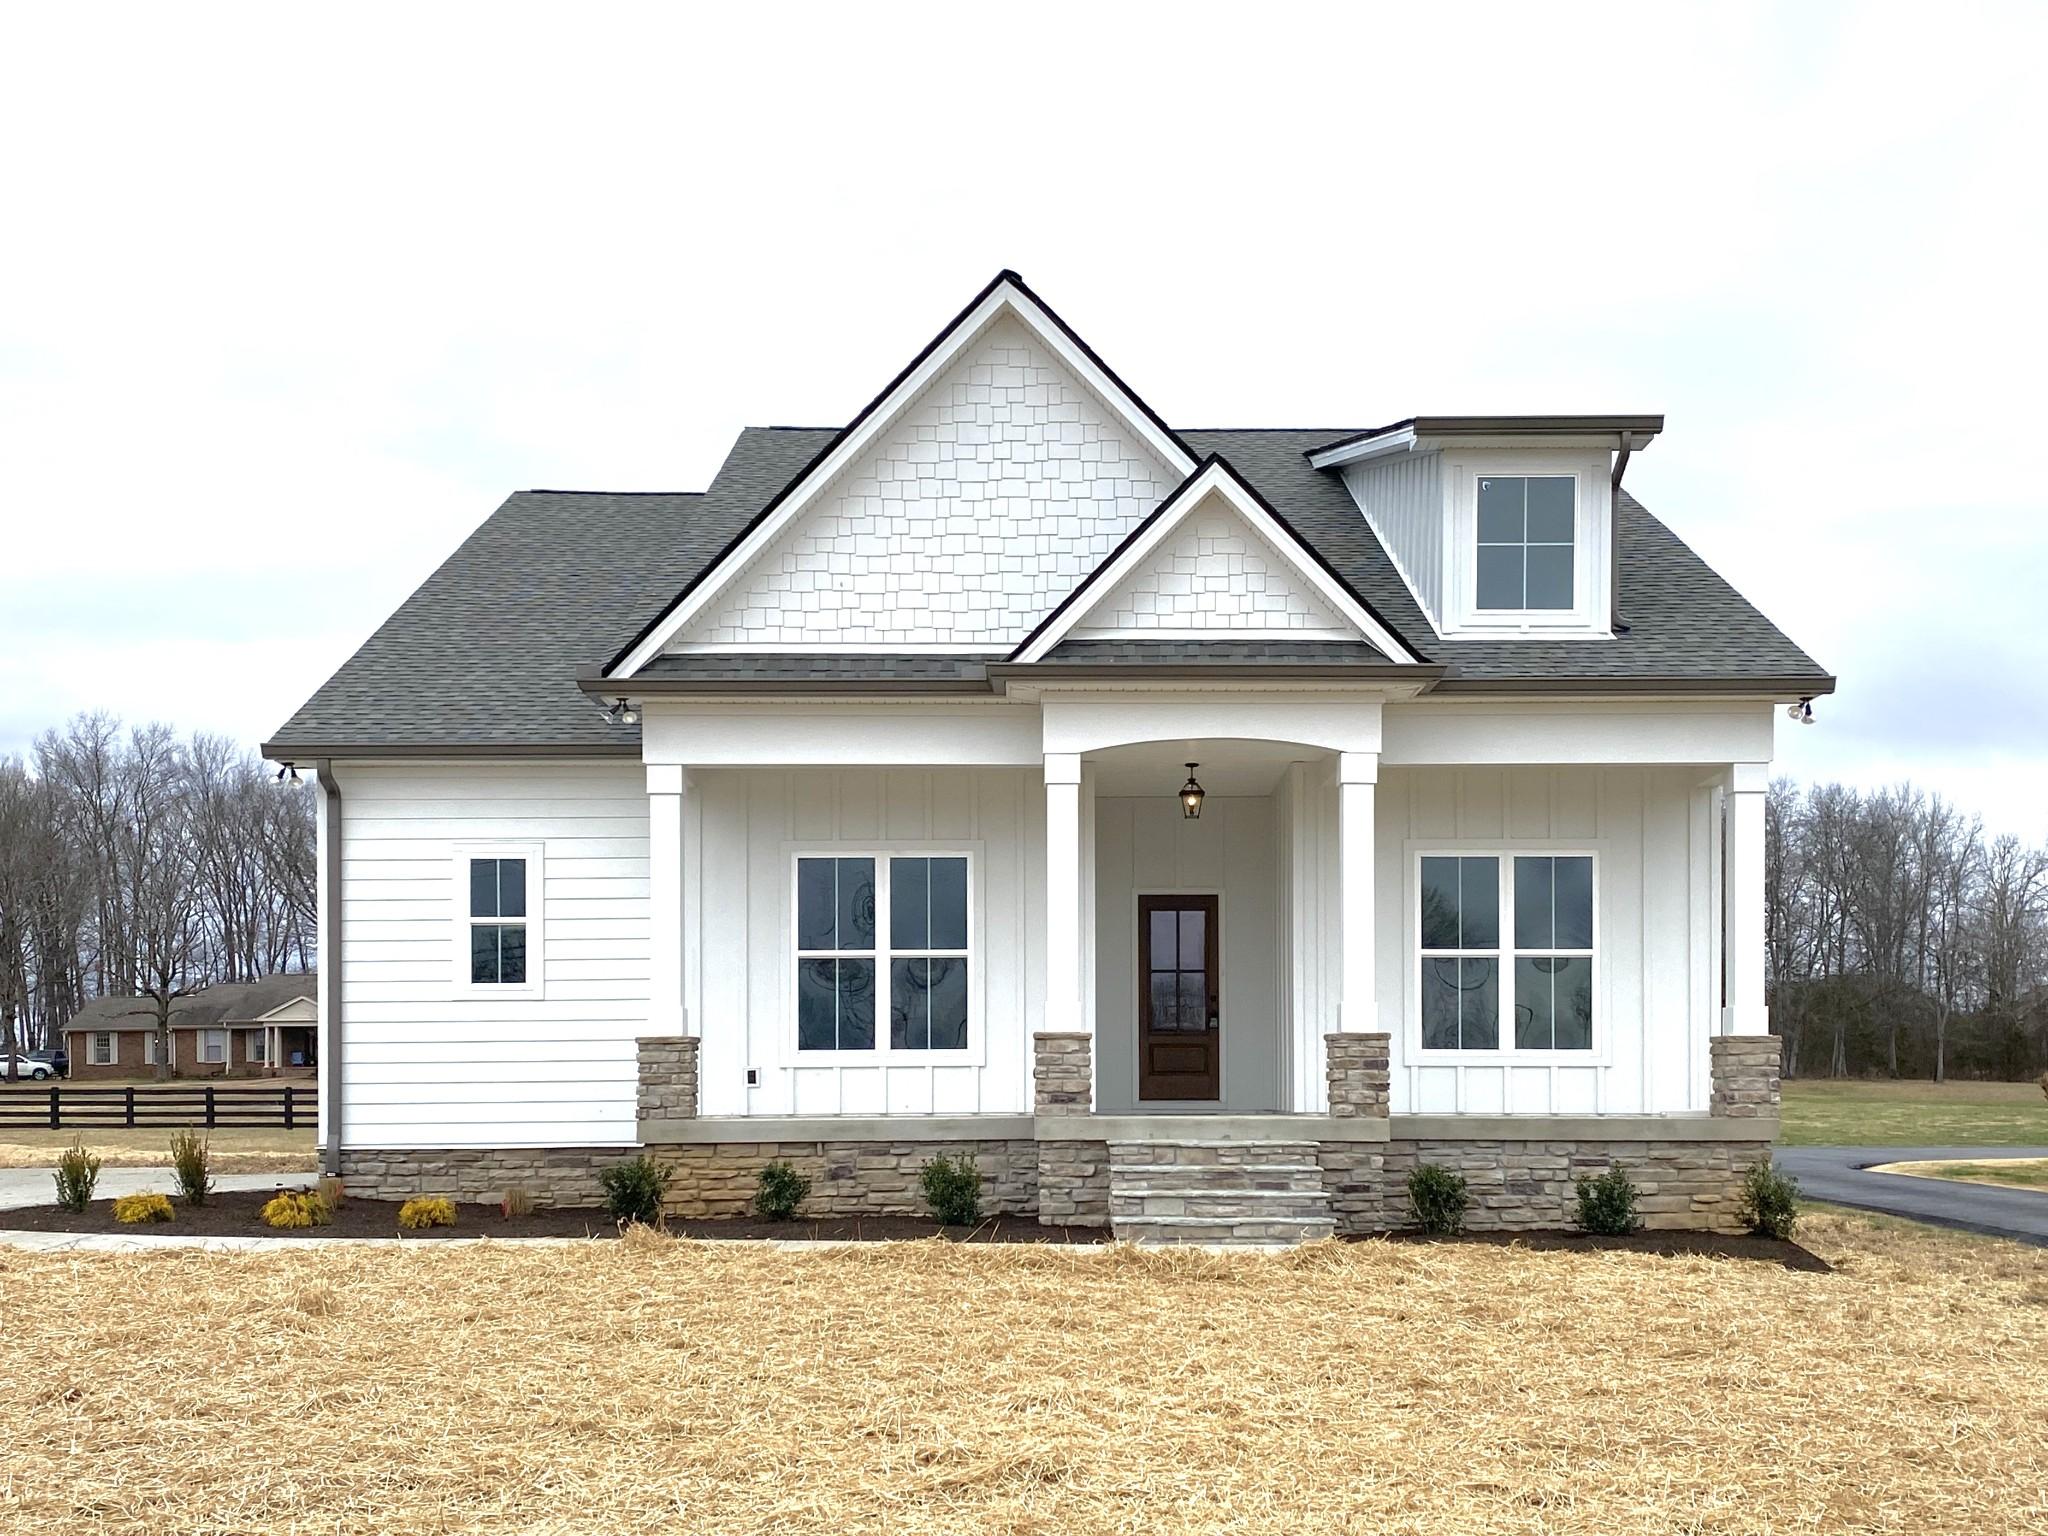 2765 Leeville Pike, Lebanon, TN 37090 - Lebanon, TN real estate listing